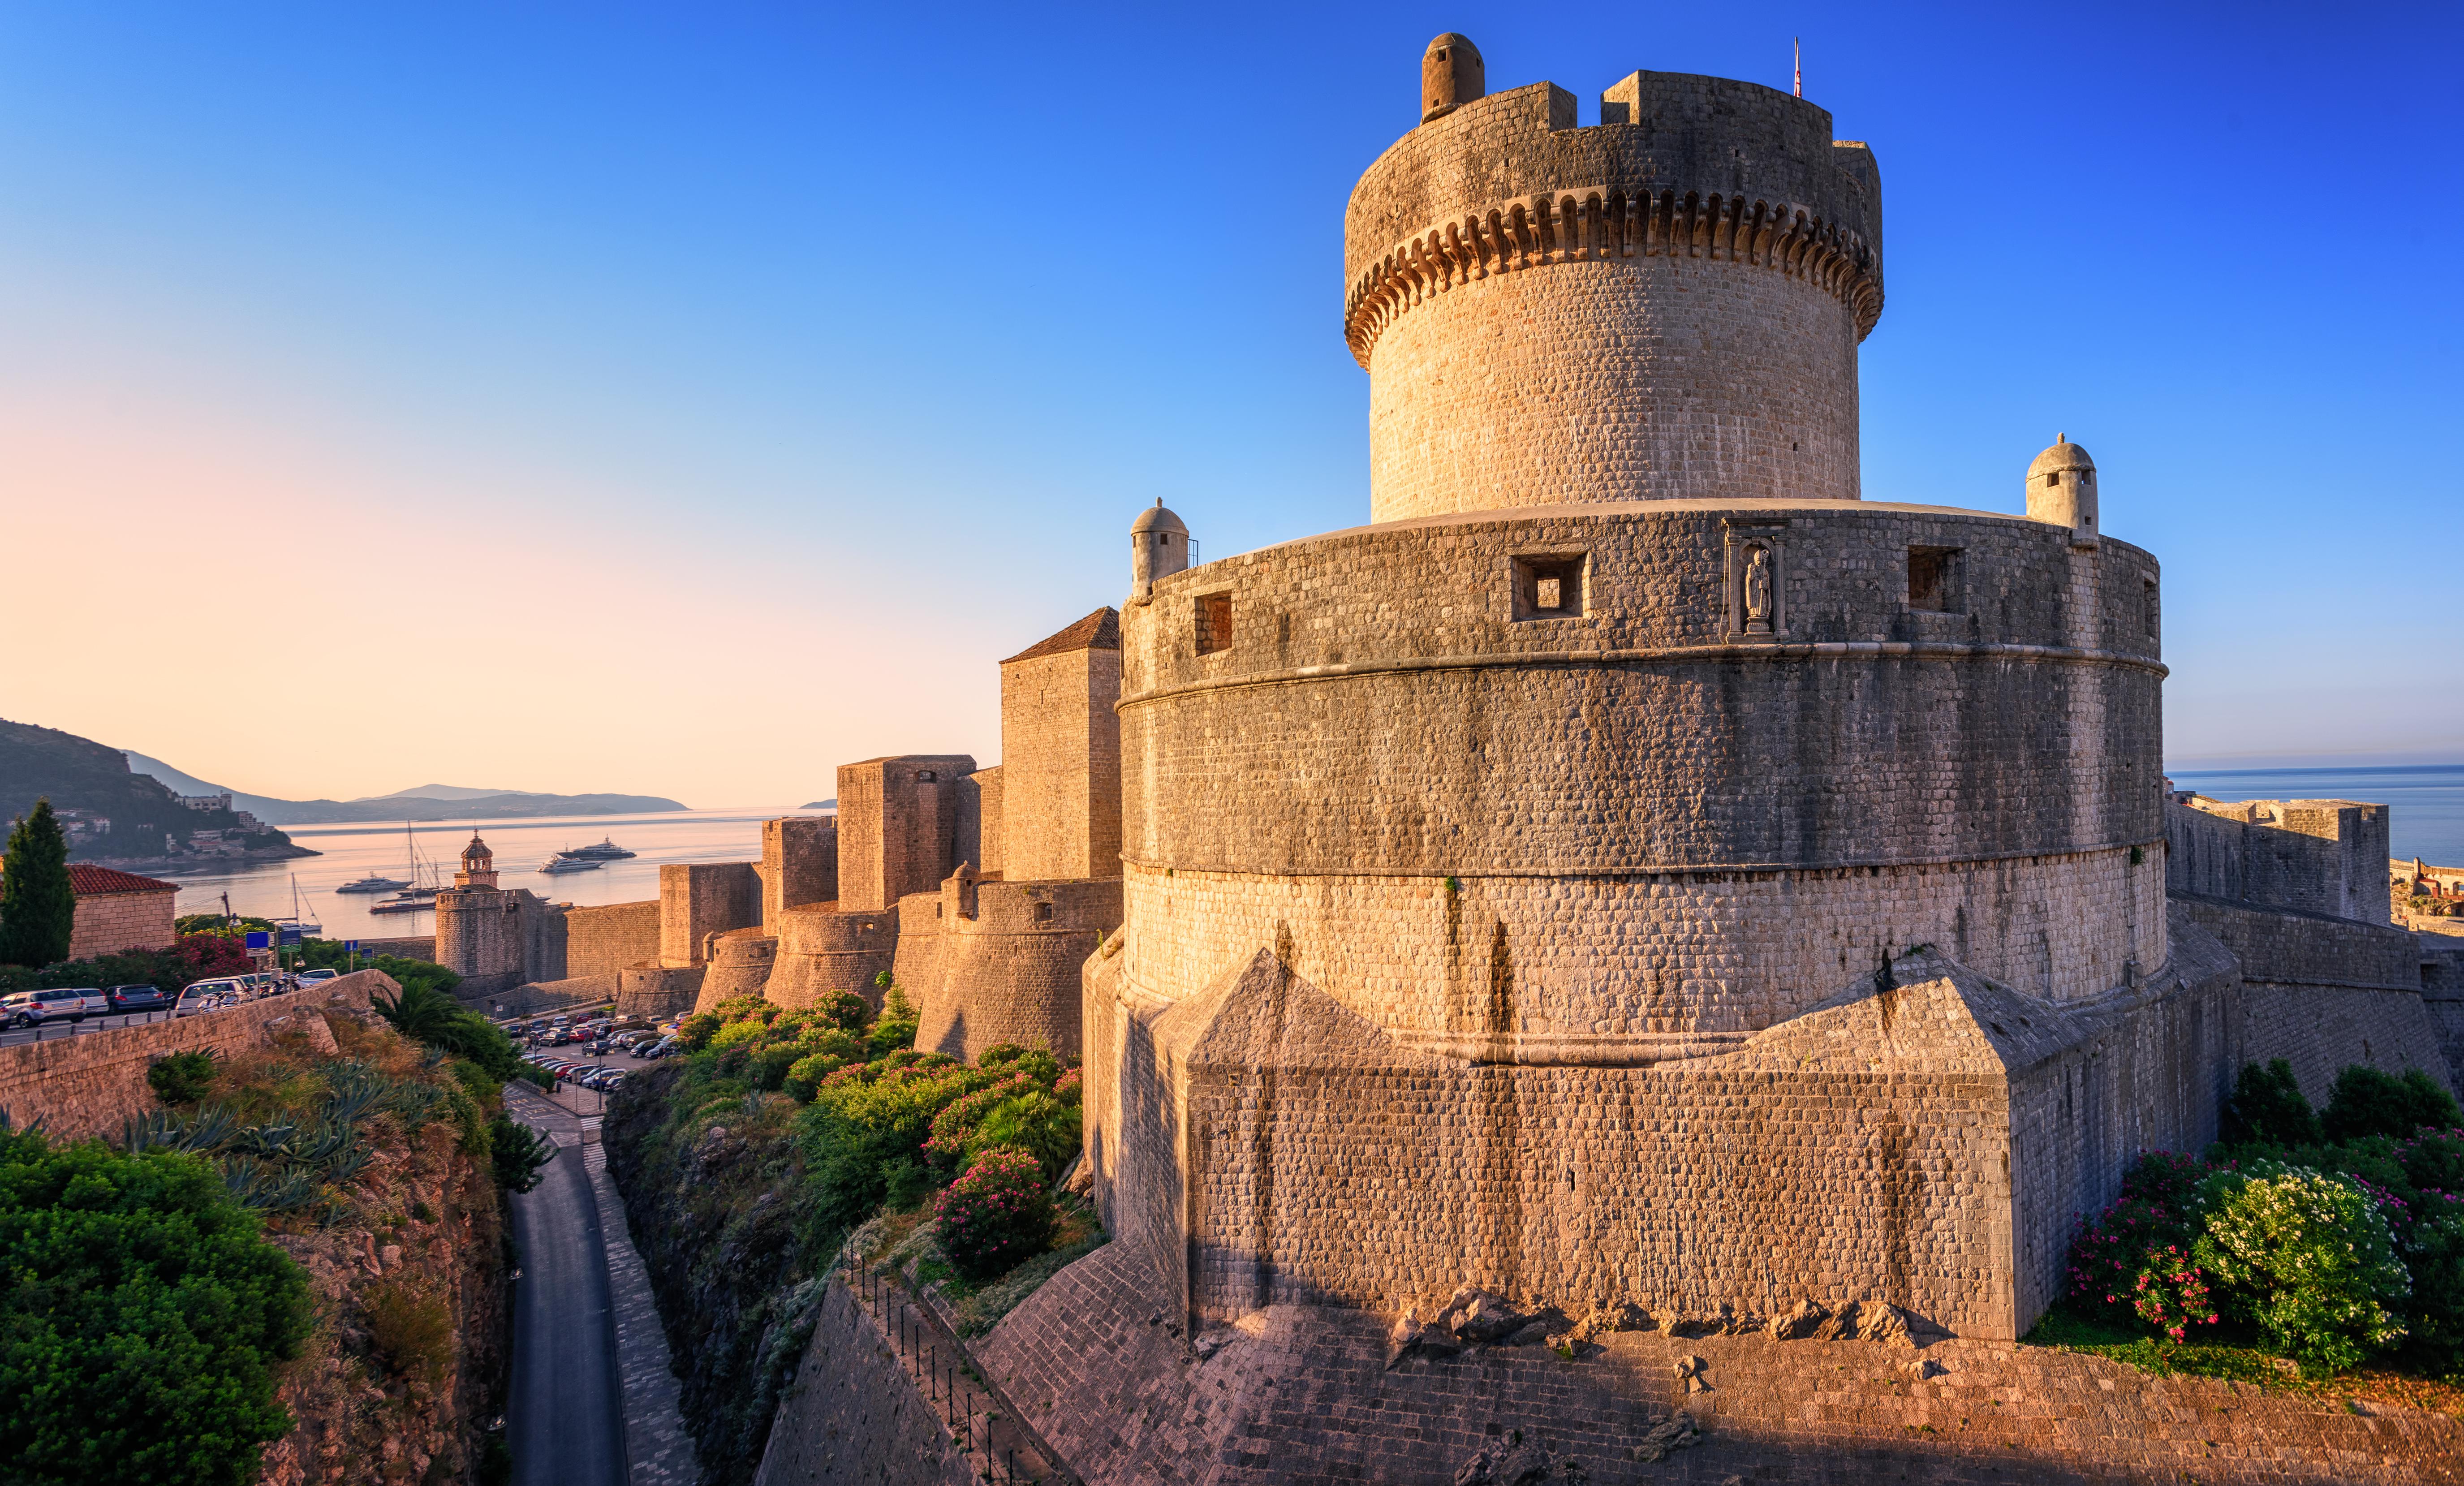 Domina Dubrovnik desde lo más alto - Croacia Circuito Gran Tour de Croacia e Istria